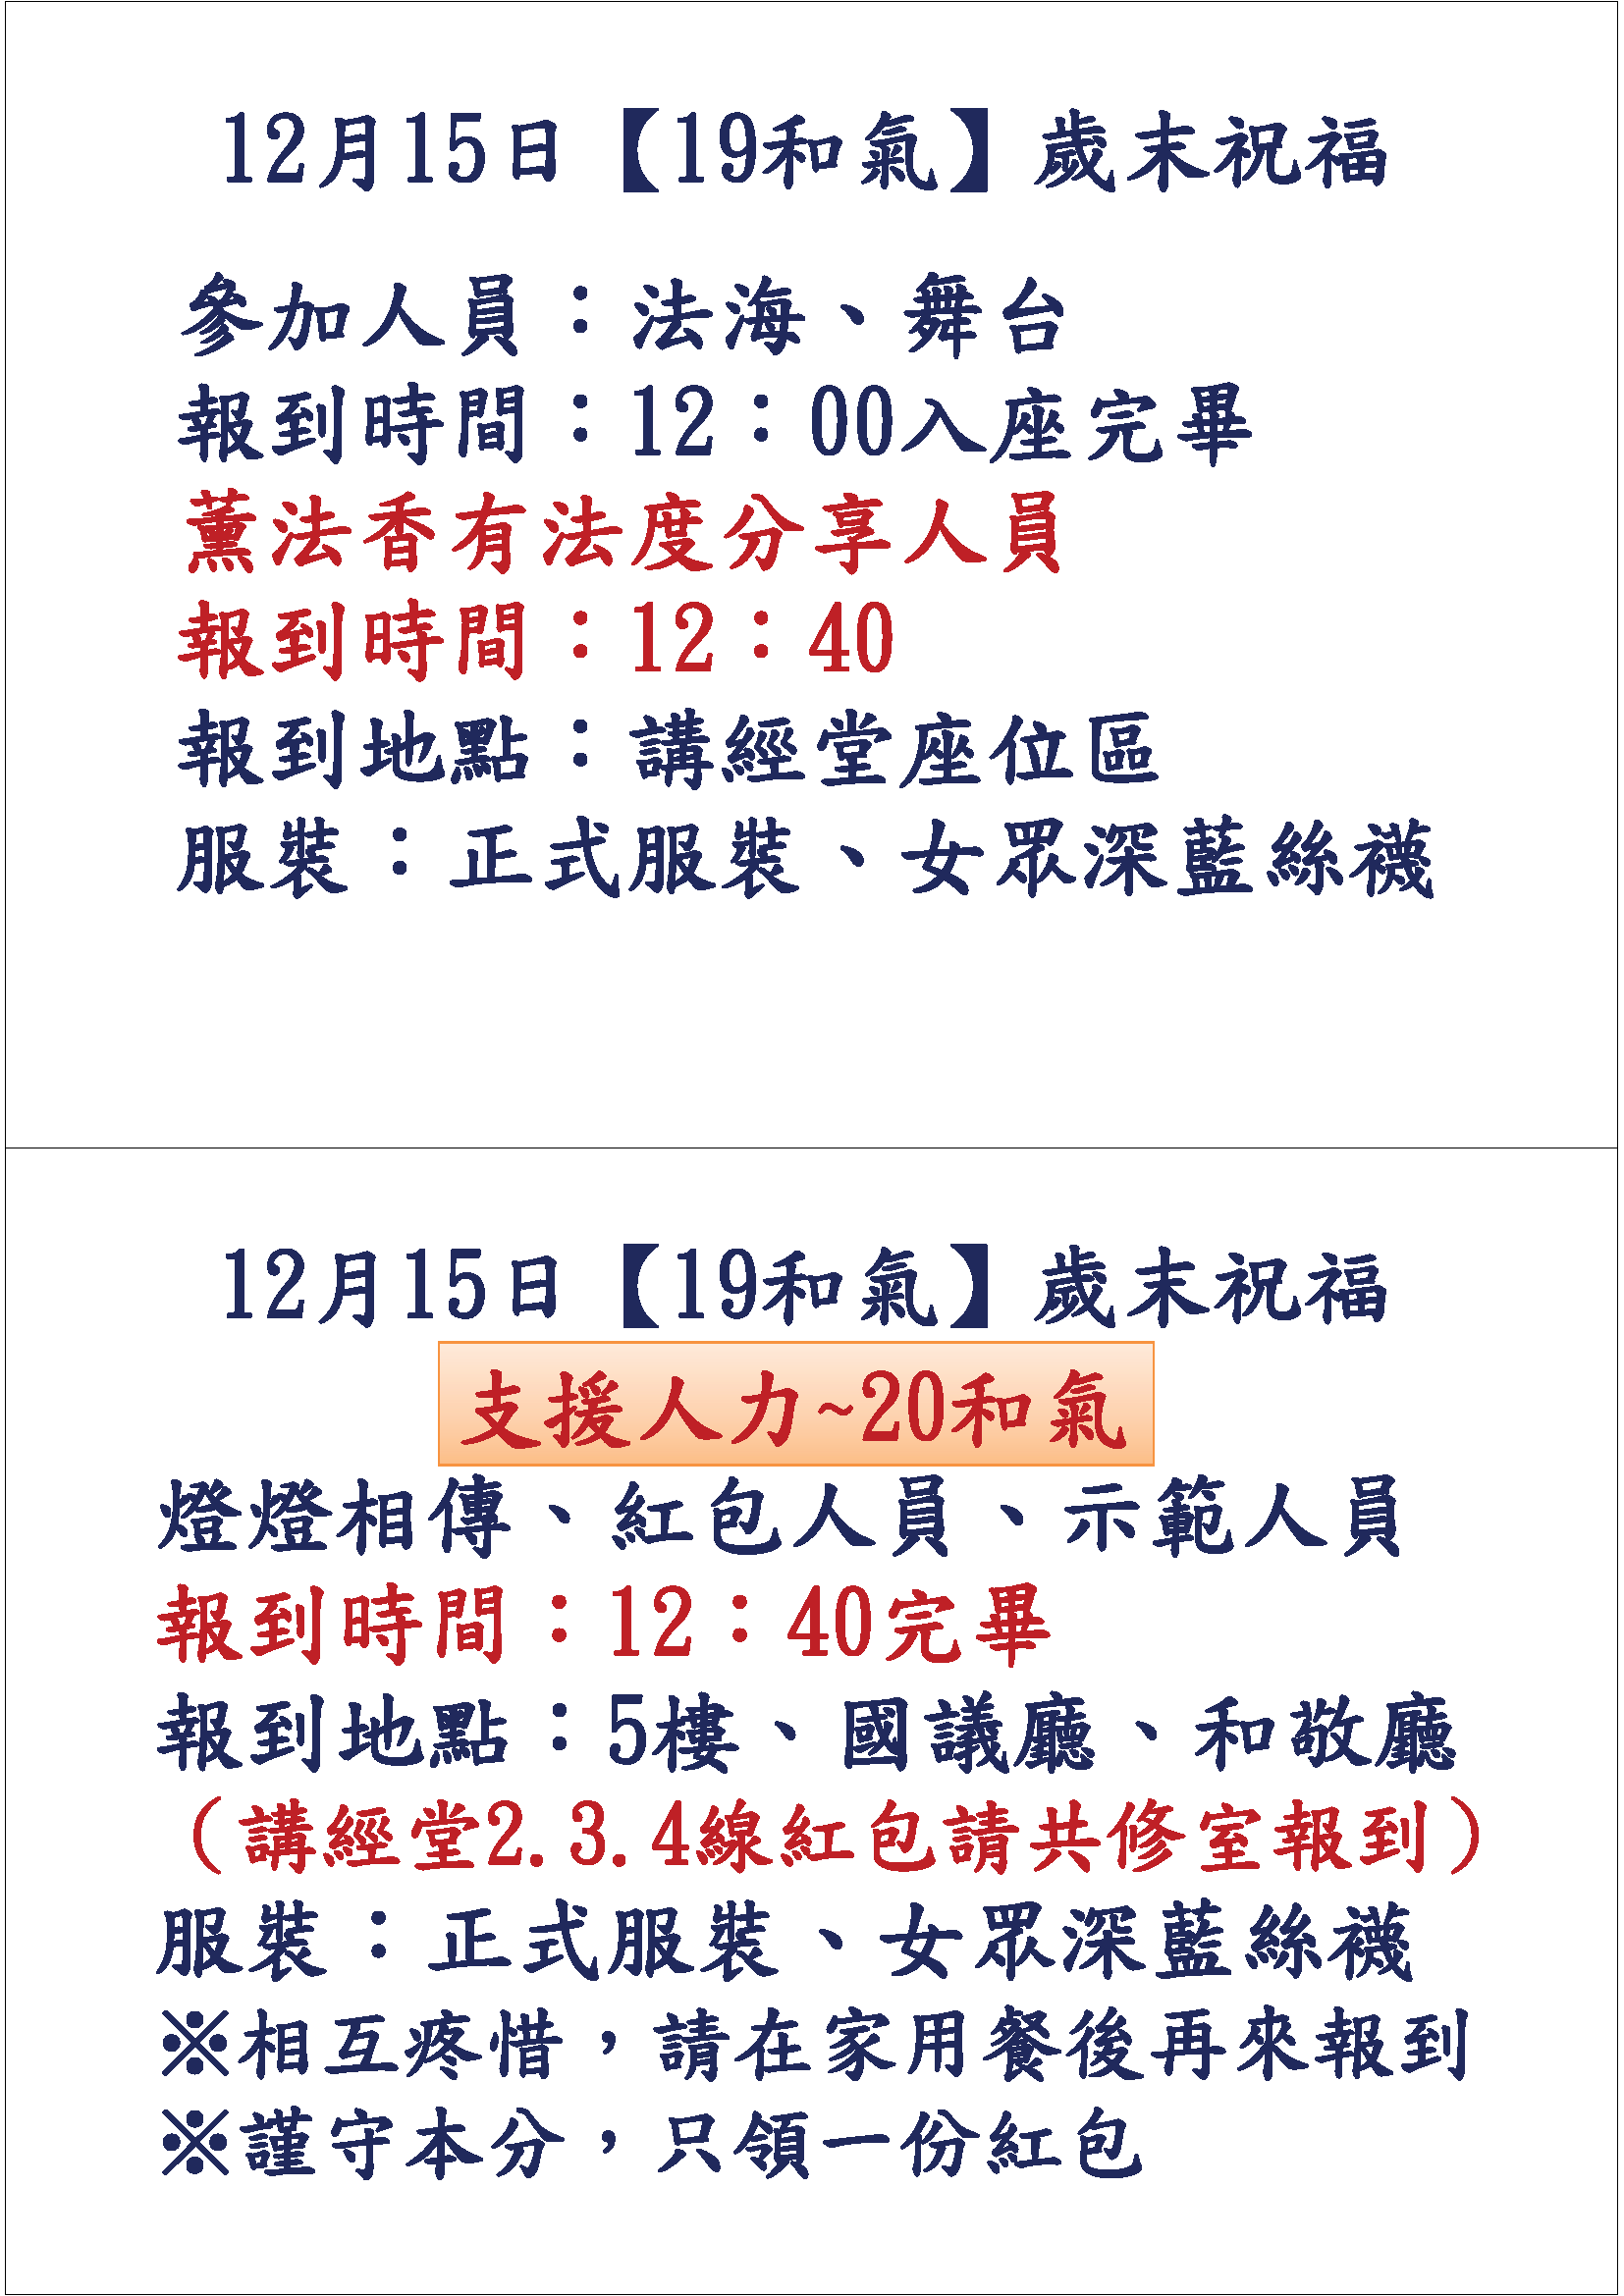 12月15日19和氣歲末祝福報到叮嚀.png